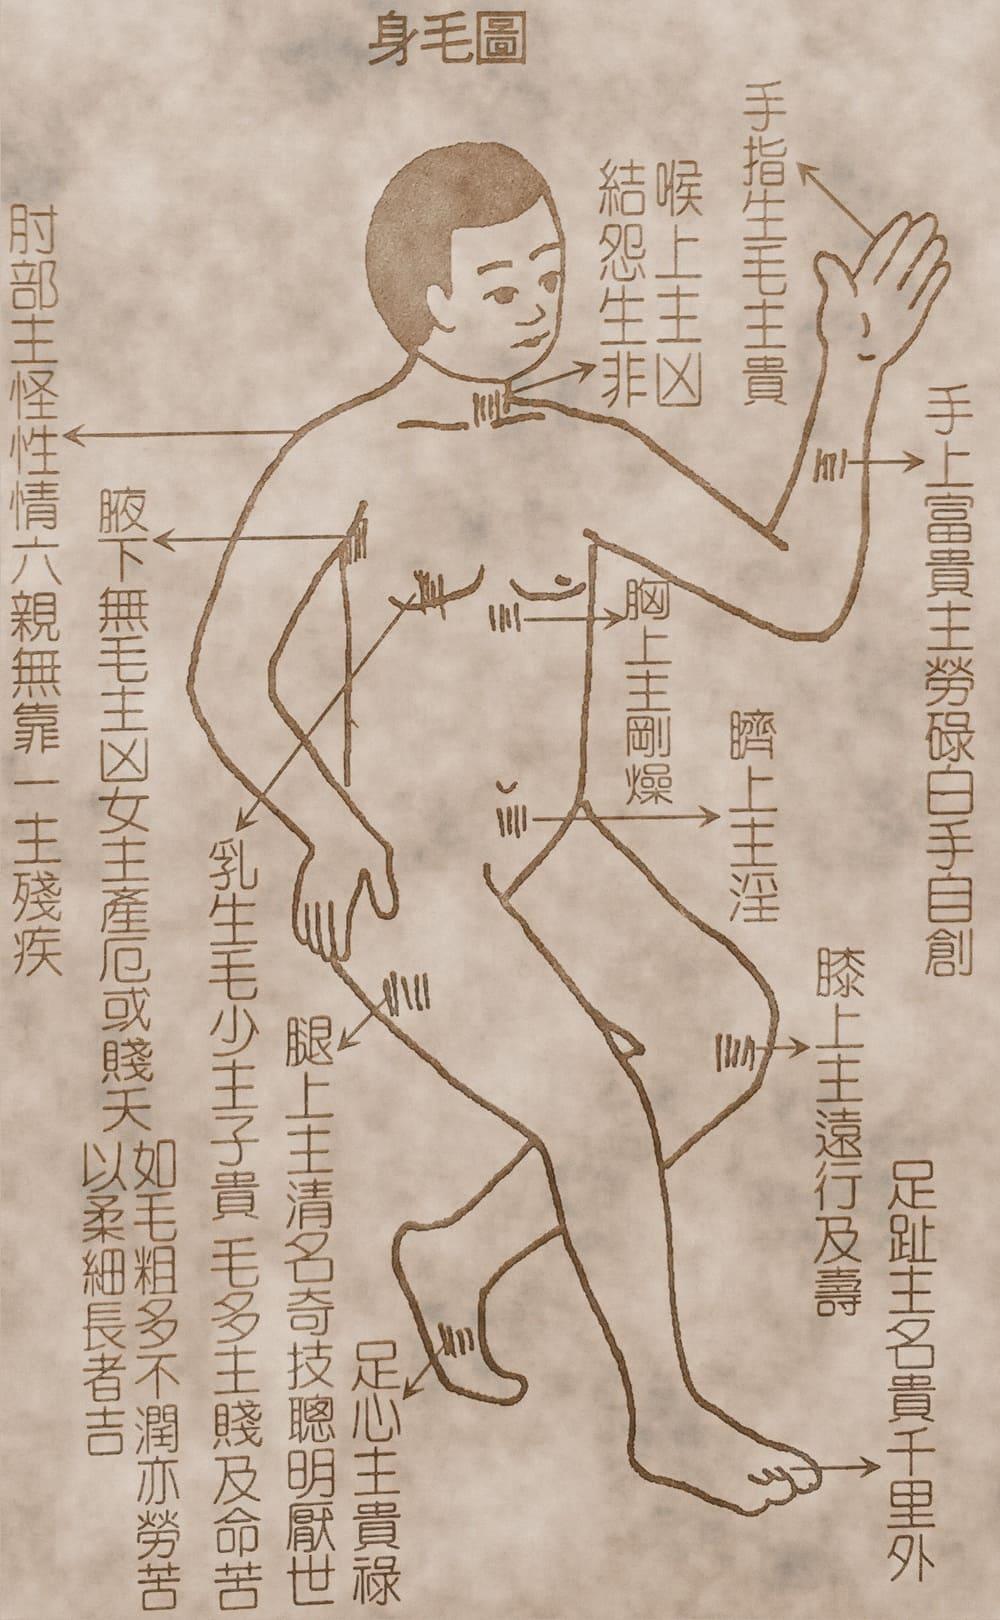 相法古籍精選(身體、陰部)